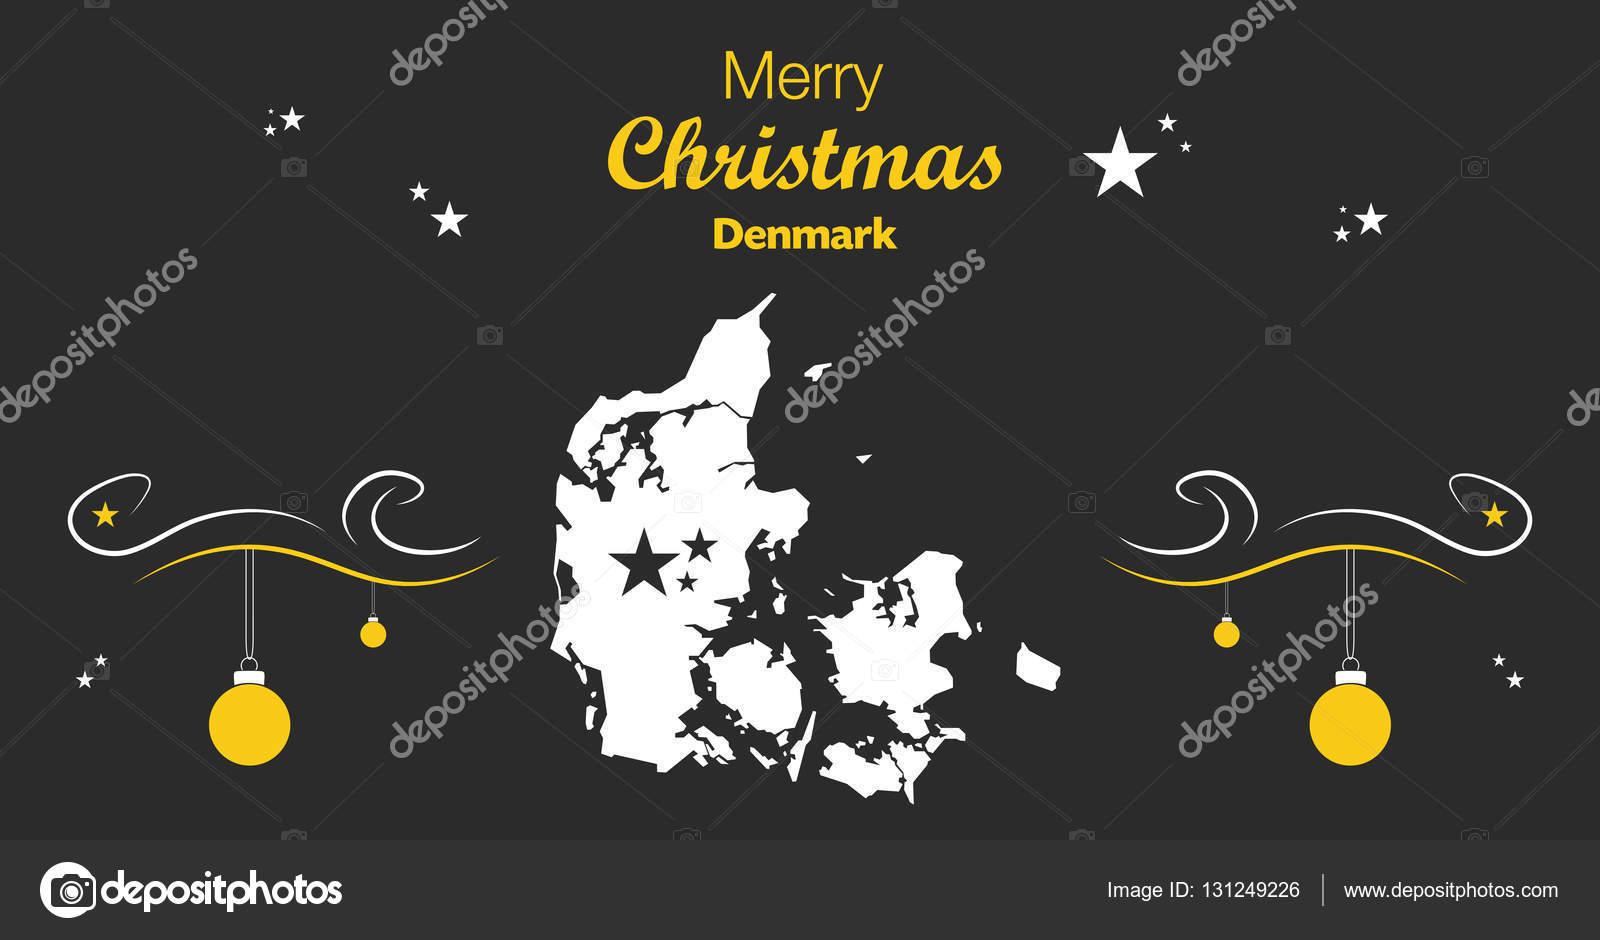 快乐圣诞主题与丹麦的地图